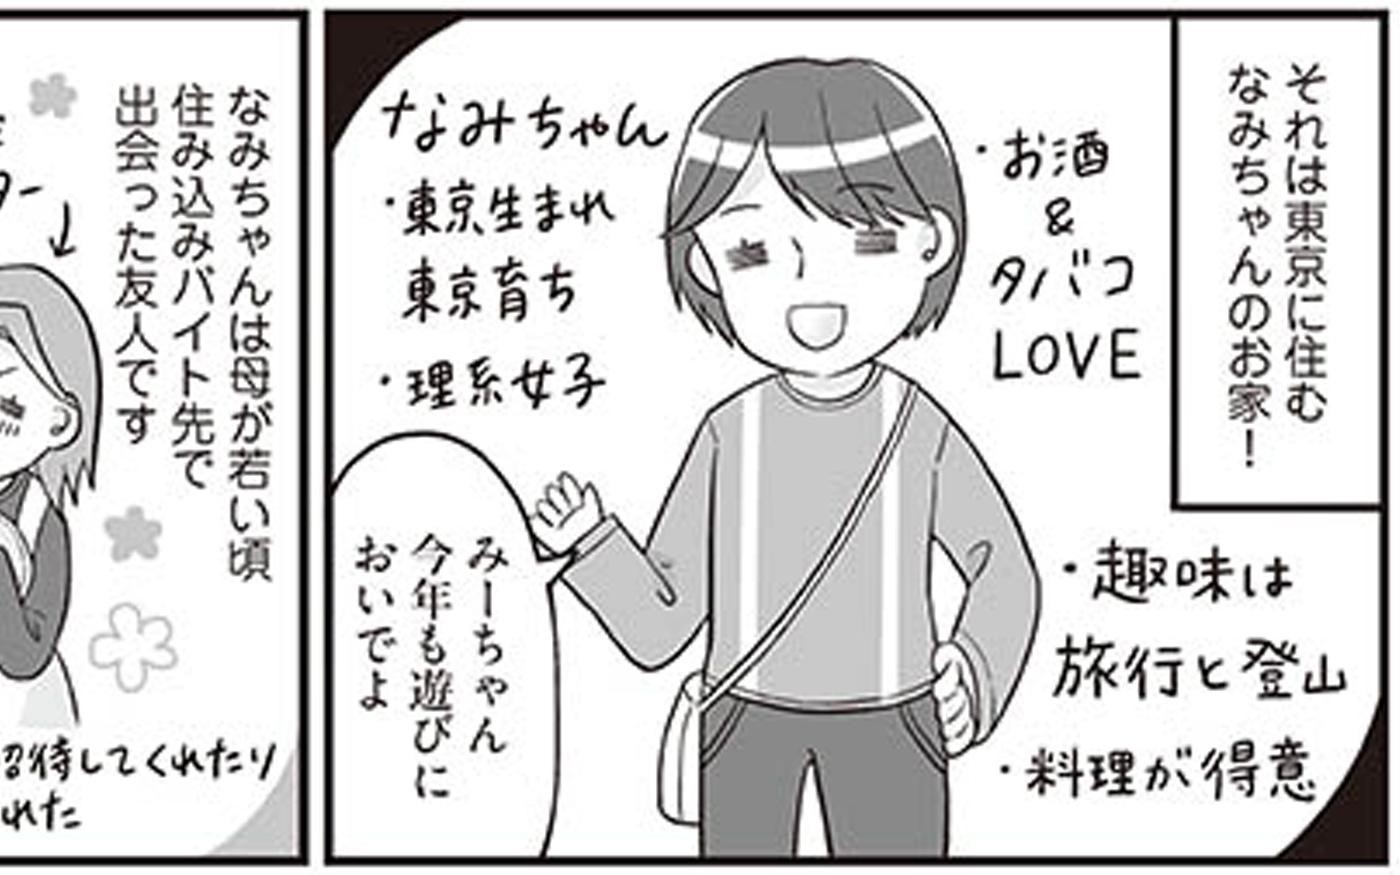 夏休みは東京へ! 大好きな「なみちゃん」に会いに行く